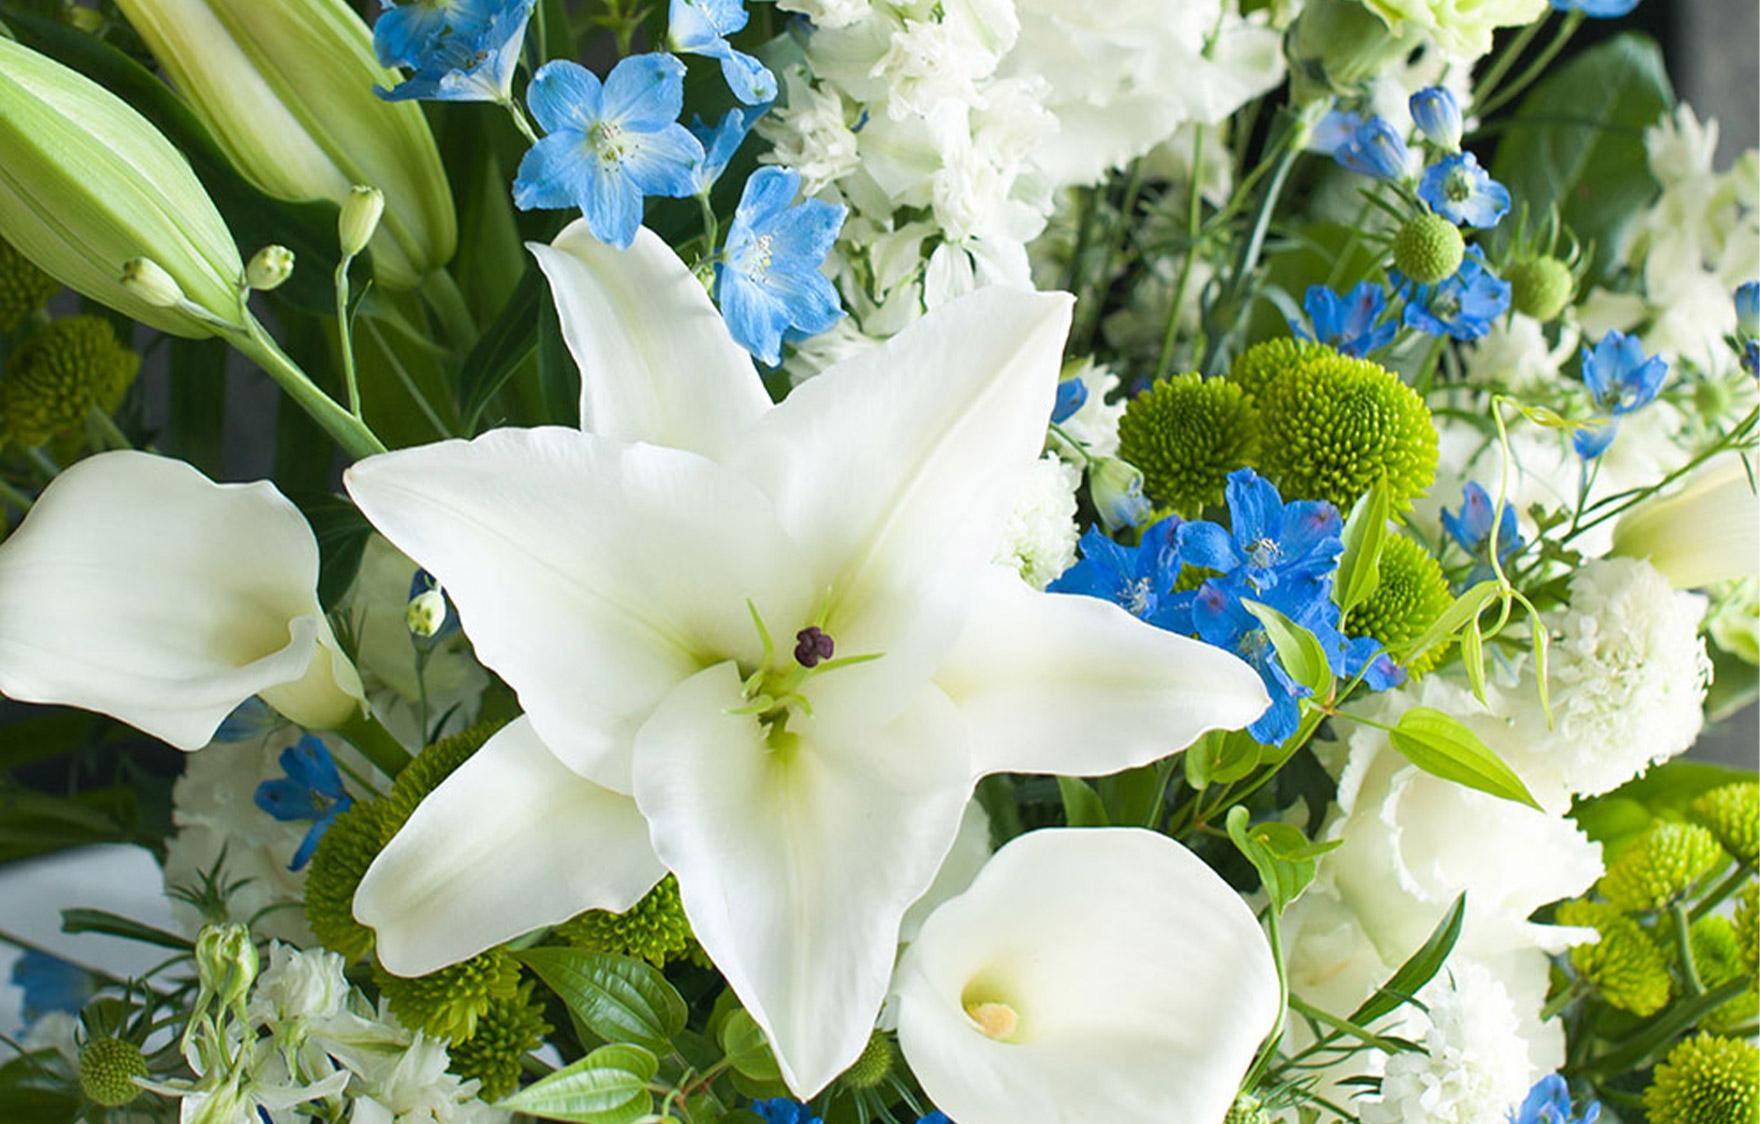 青色の花を入れた四十九日のお供え花